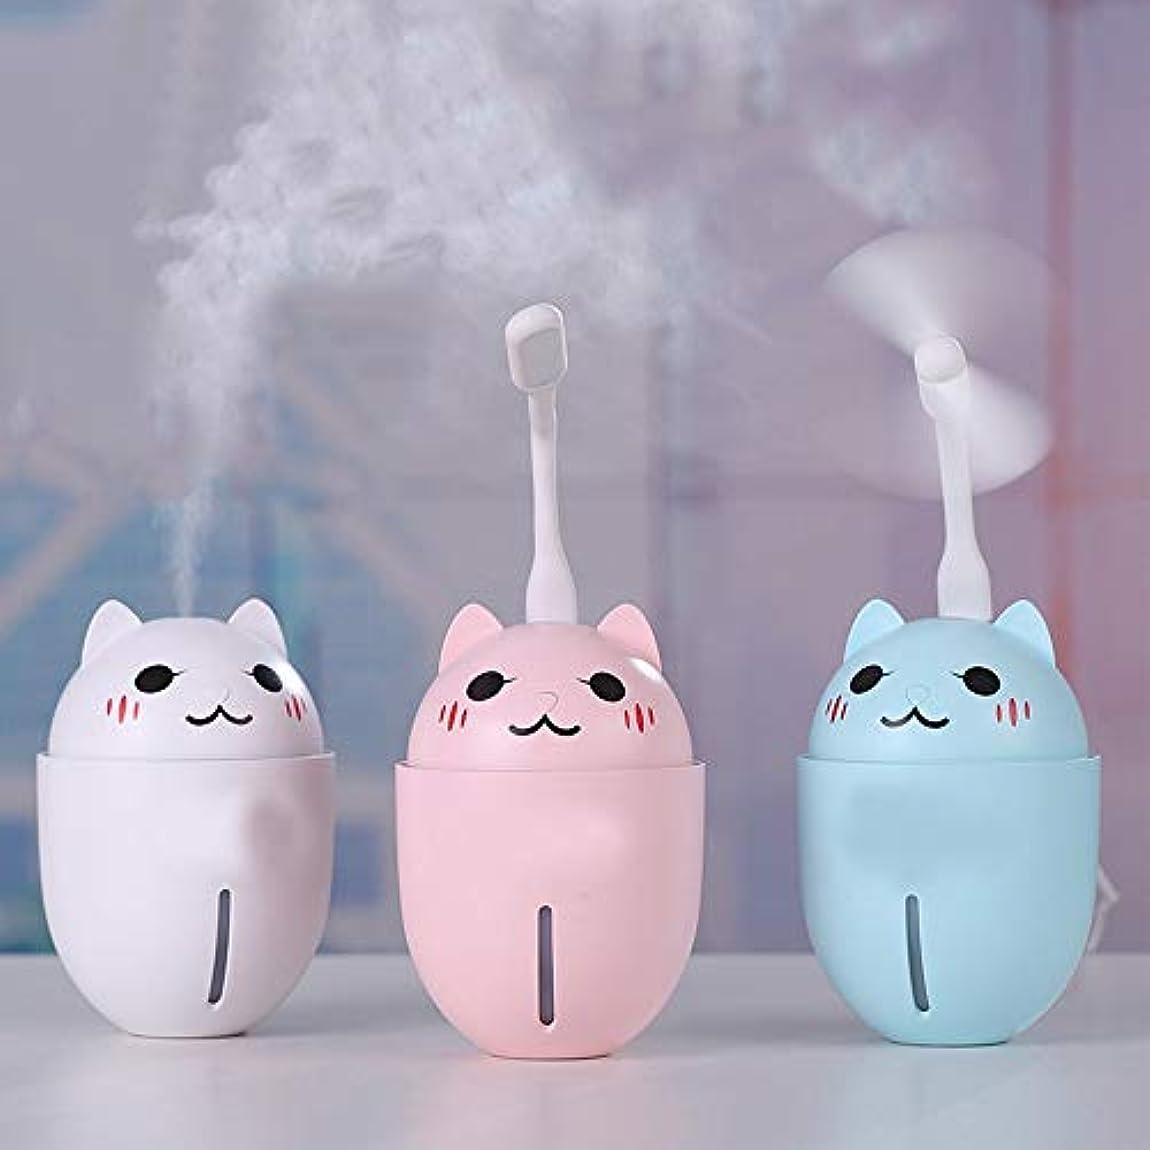 おびえた雪だるまを作る褒賞Iku夫 使いやすいかわいいペットの猫加湿器家庭用電化製品ミュートスリーインワンミニUSB水道メーターファンナイトライトブルーピンクホワイト (色 : White)